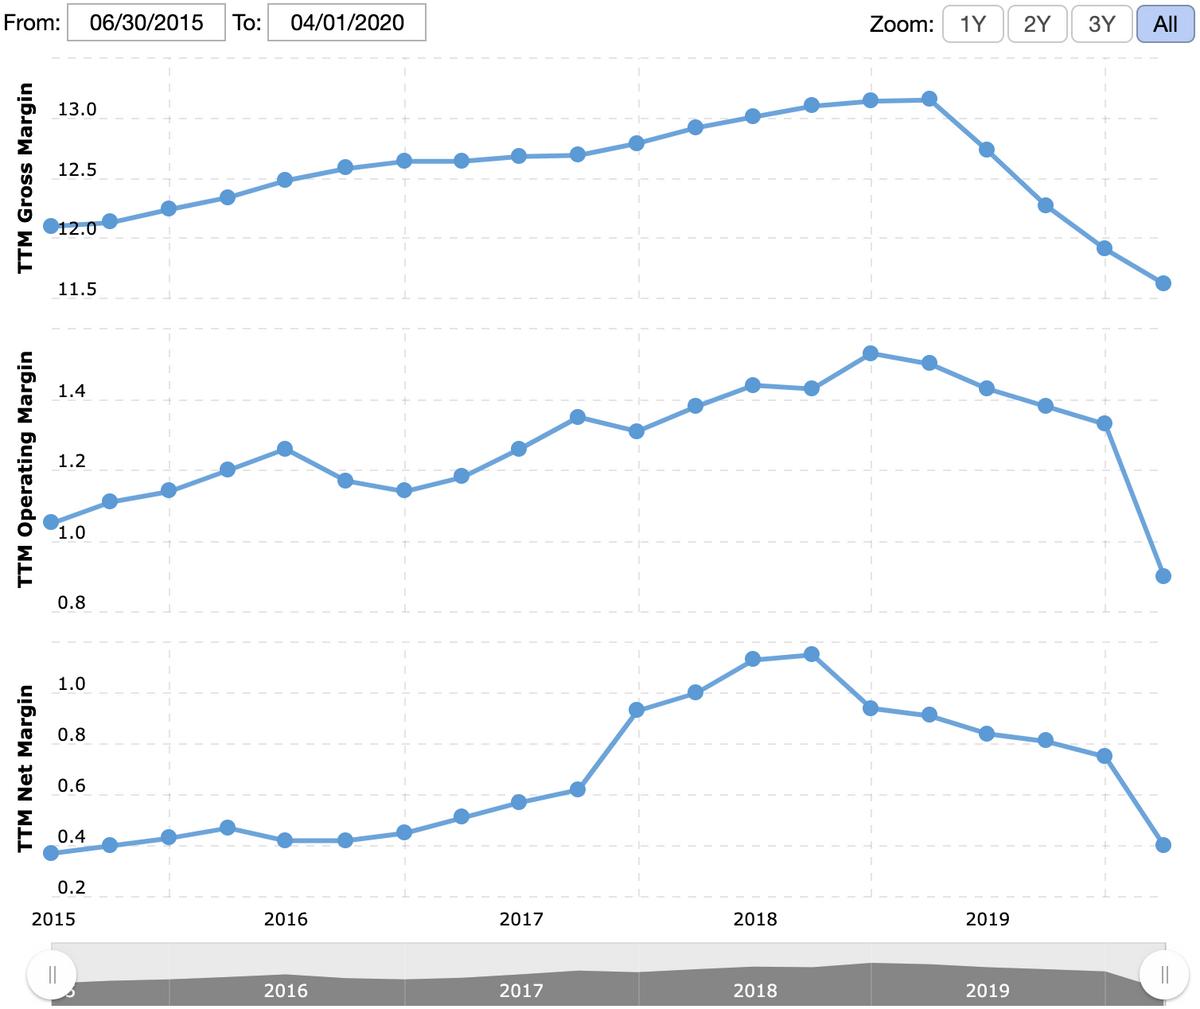 Валовая маржа, операционная маржа и итоговая маржа компании в процентах от выручки. Источник: Macrotrends